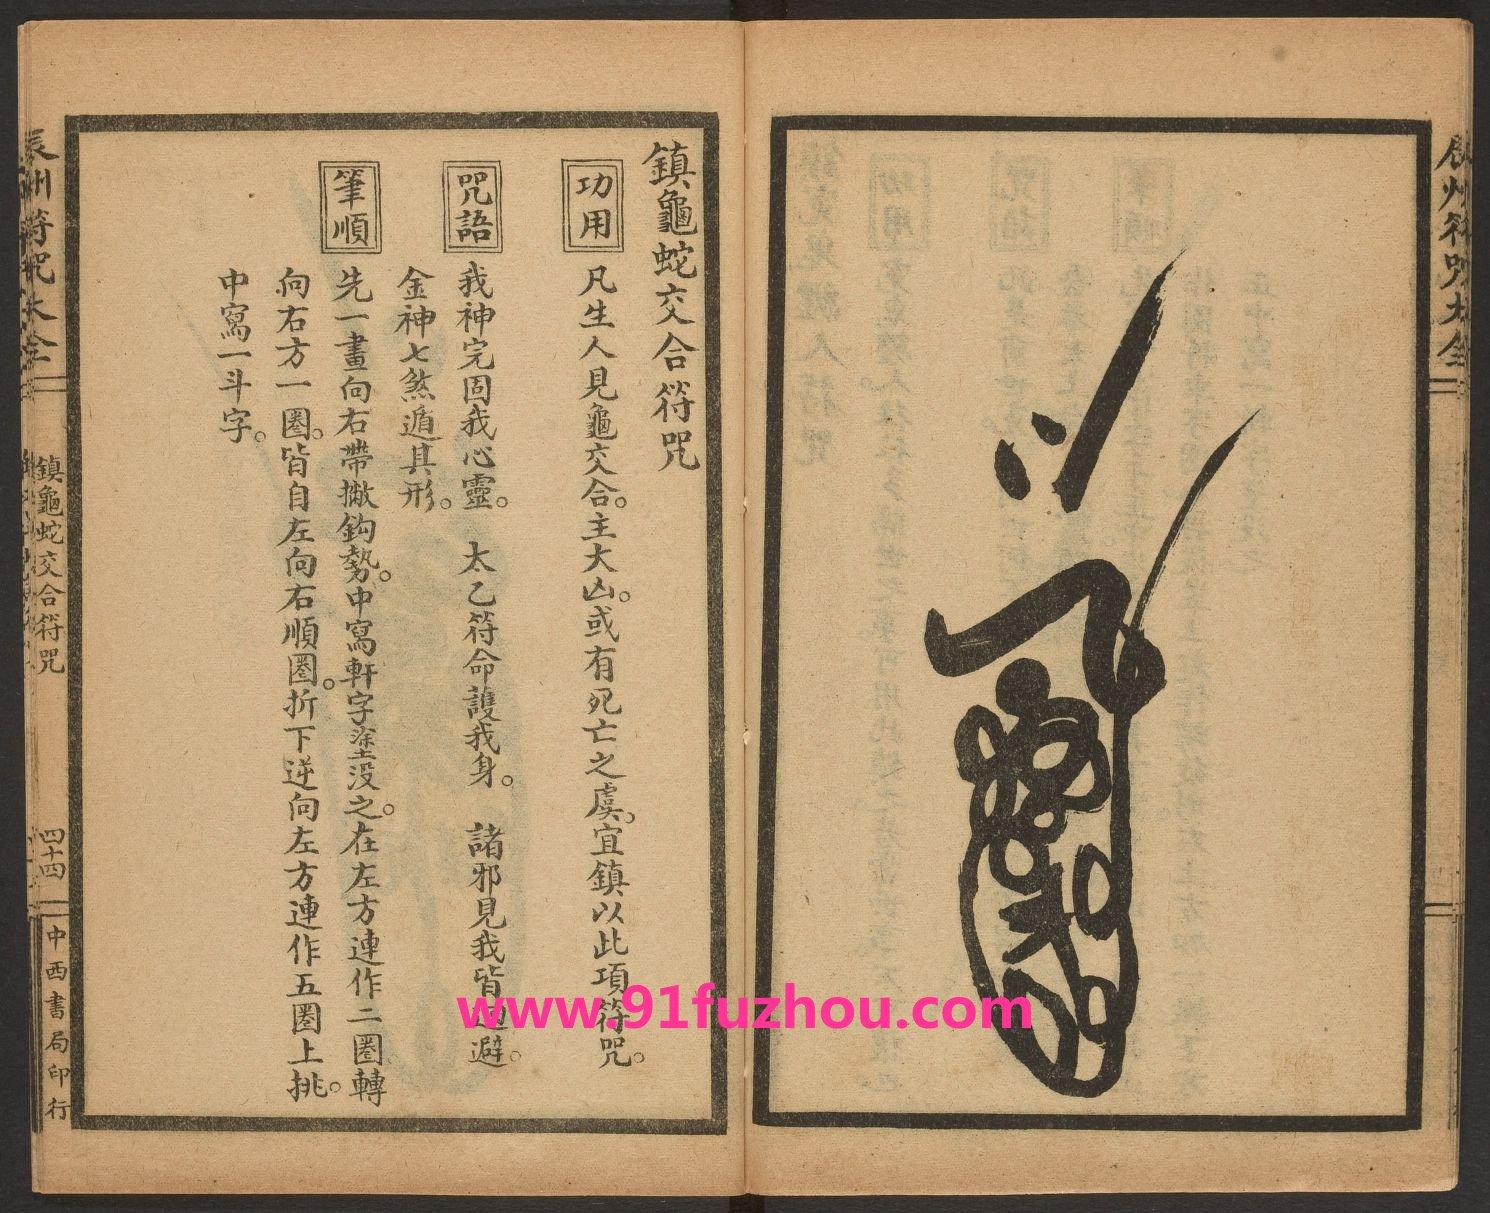 辰州镇压之类符咒:镇龟蛇交合符咒